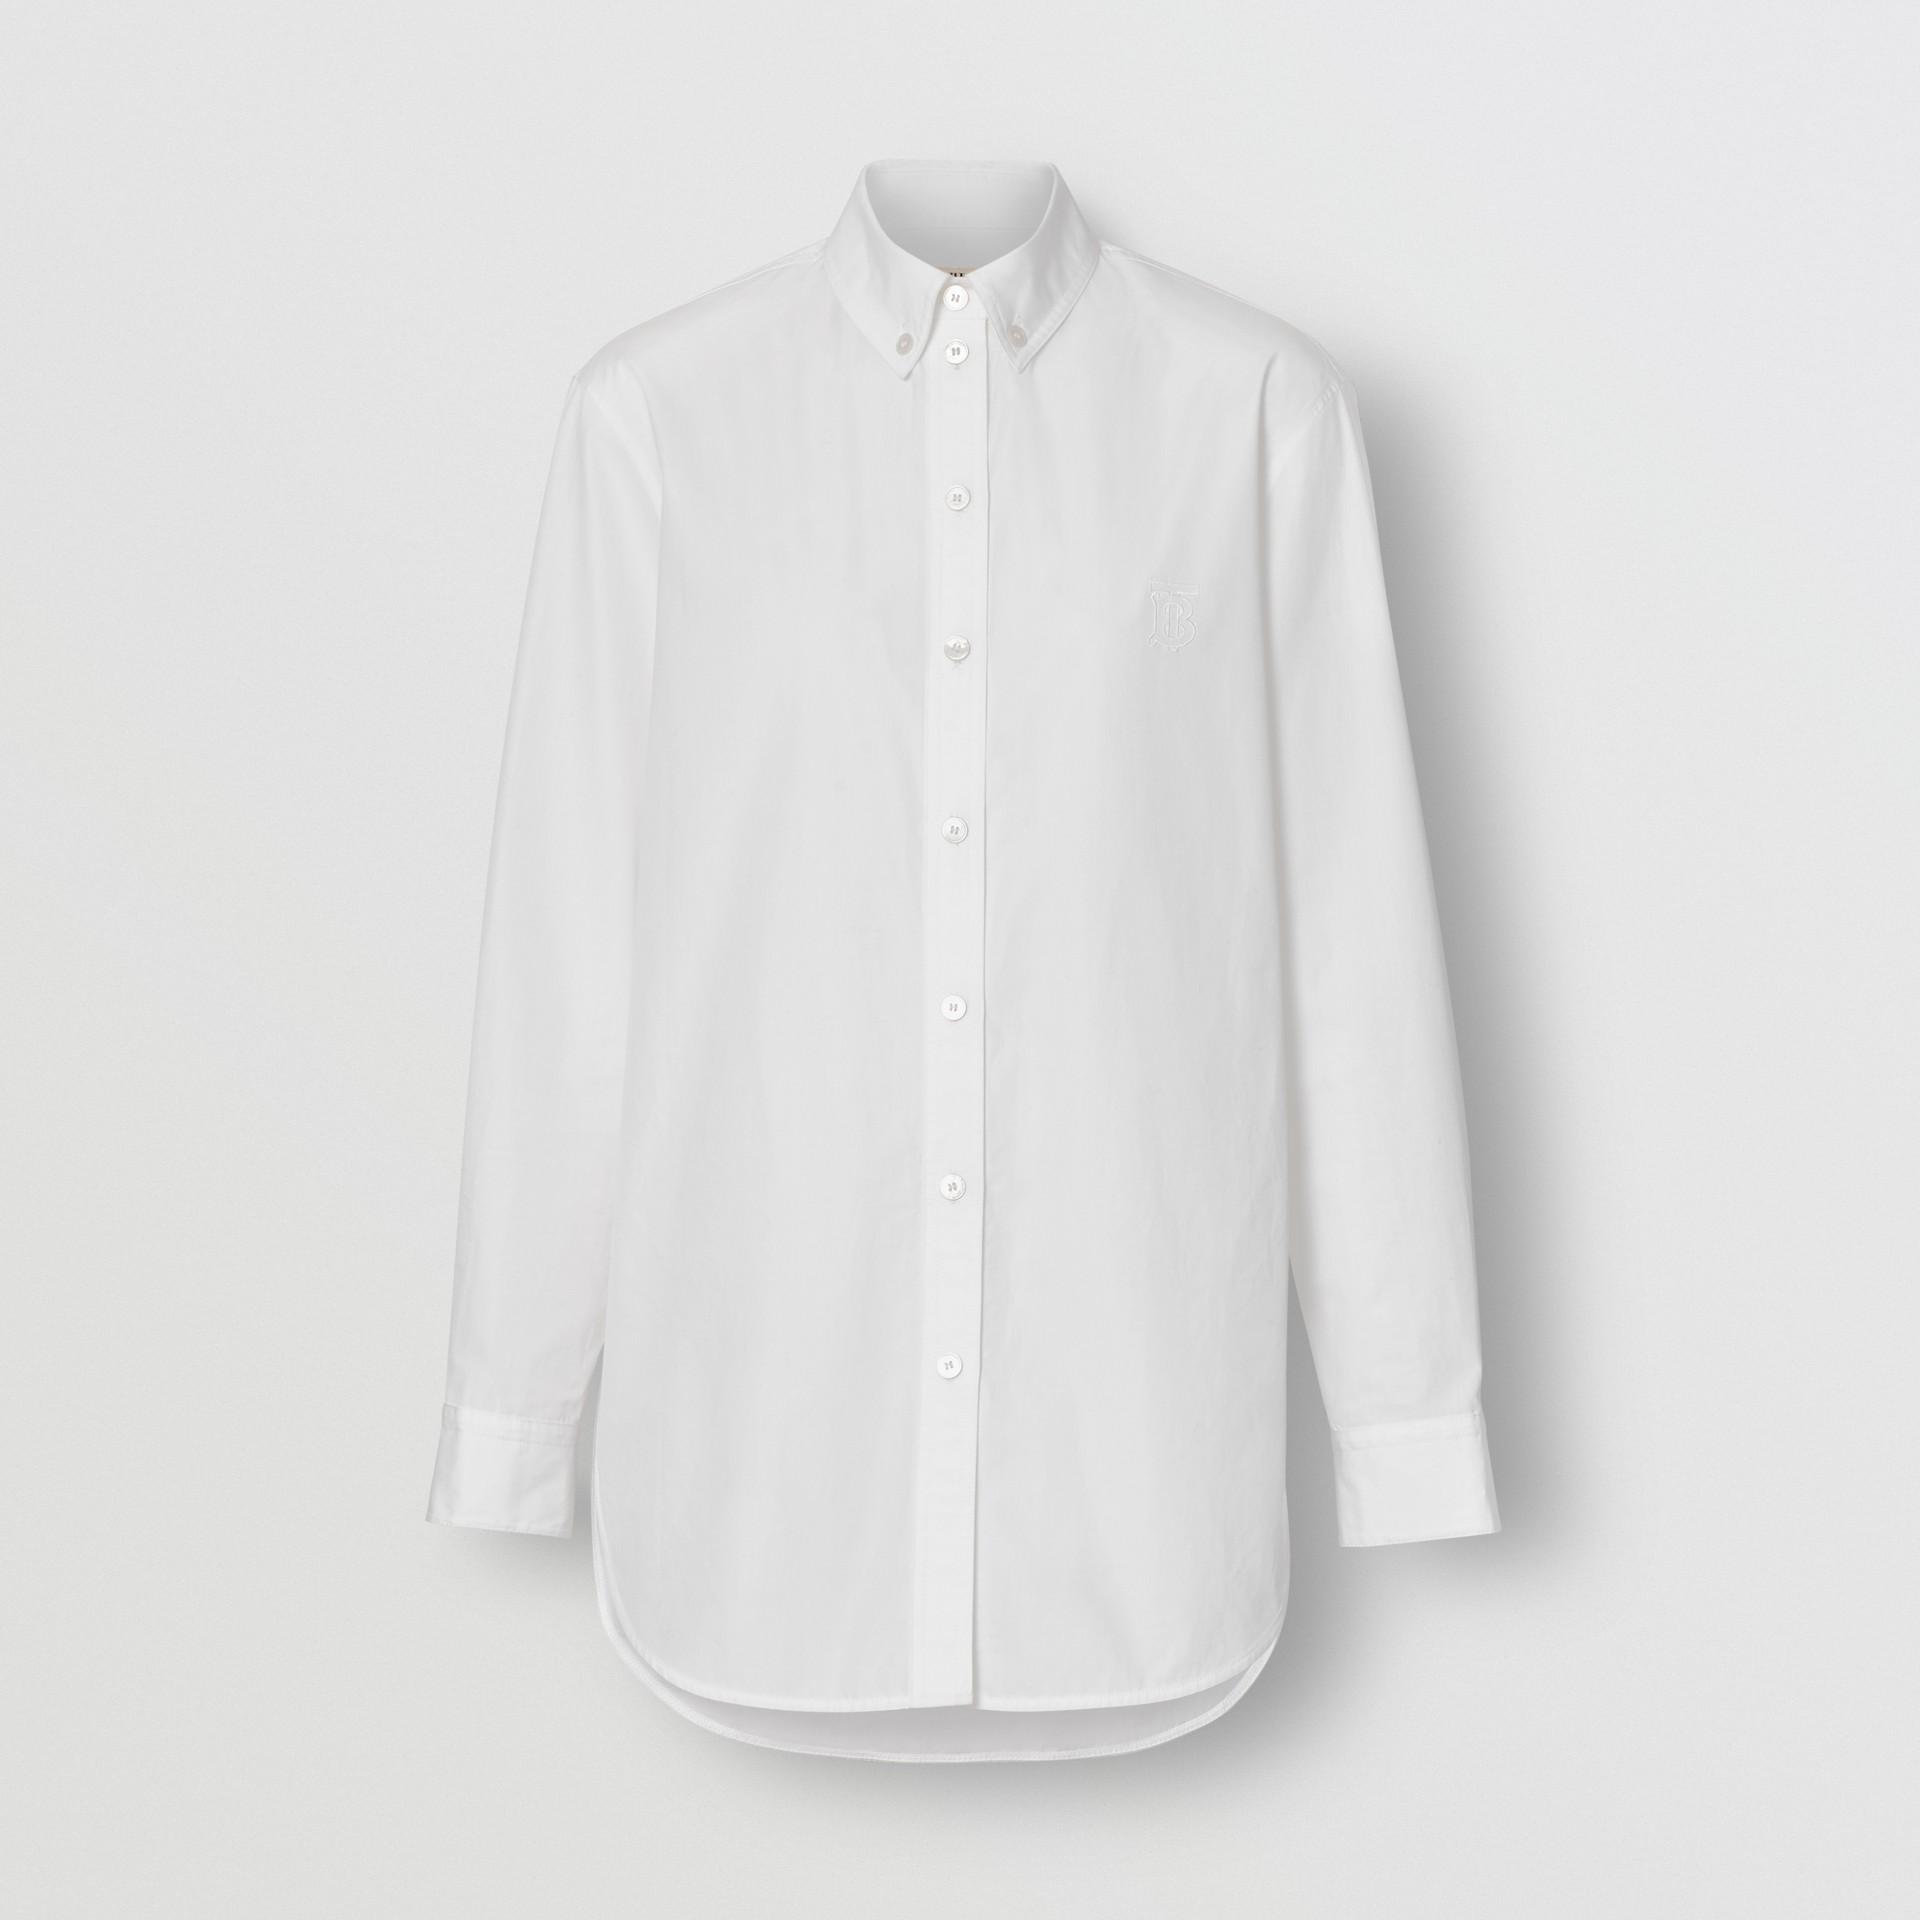 Baumwollbluse mit Button-down-Kragen und Monogrammmotiv (Weiss) - Damen | Burberry - Galerie-Bild 3